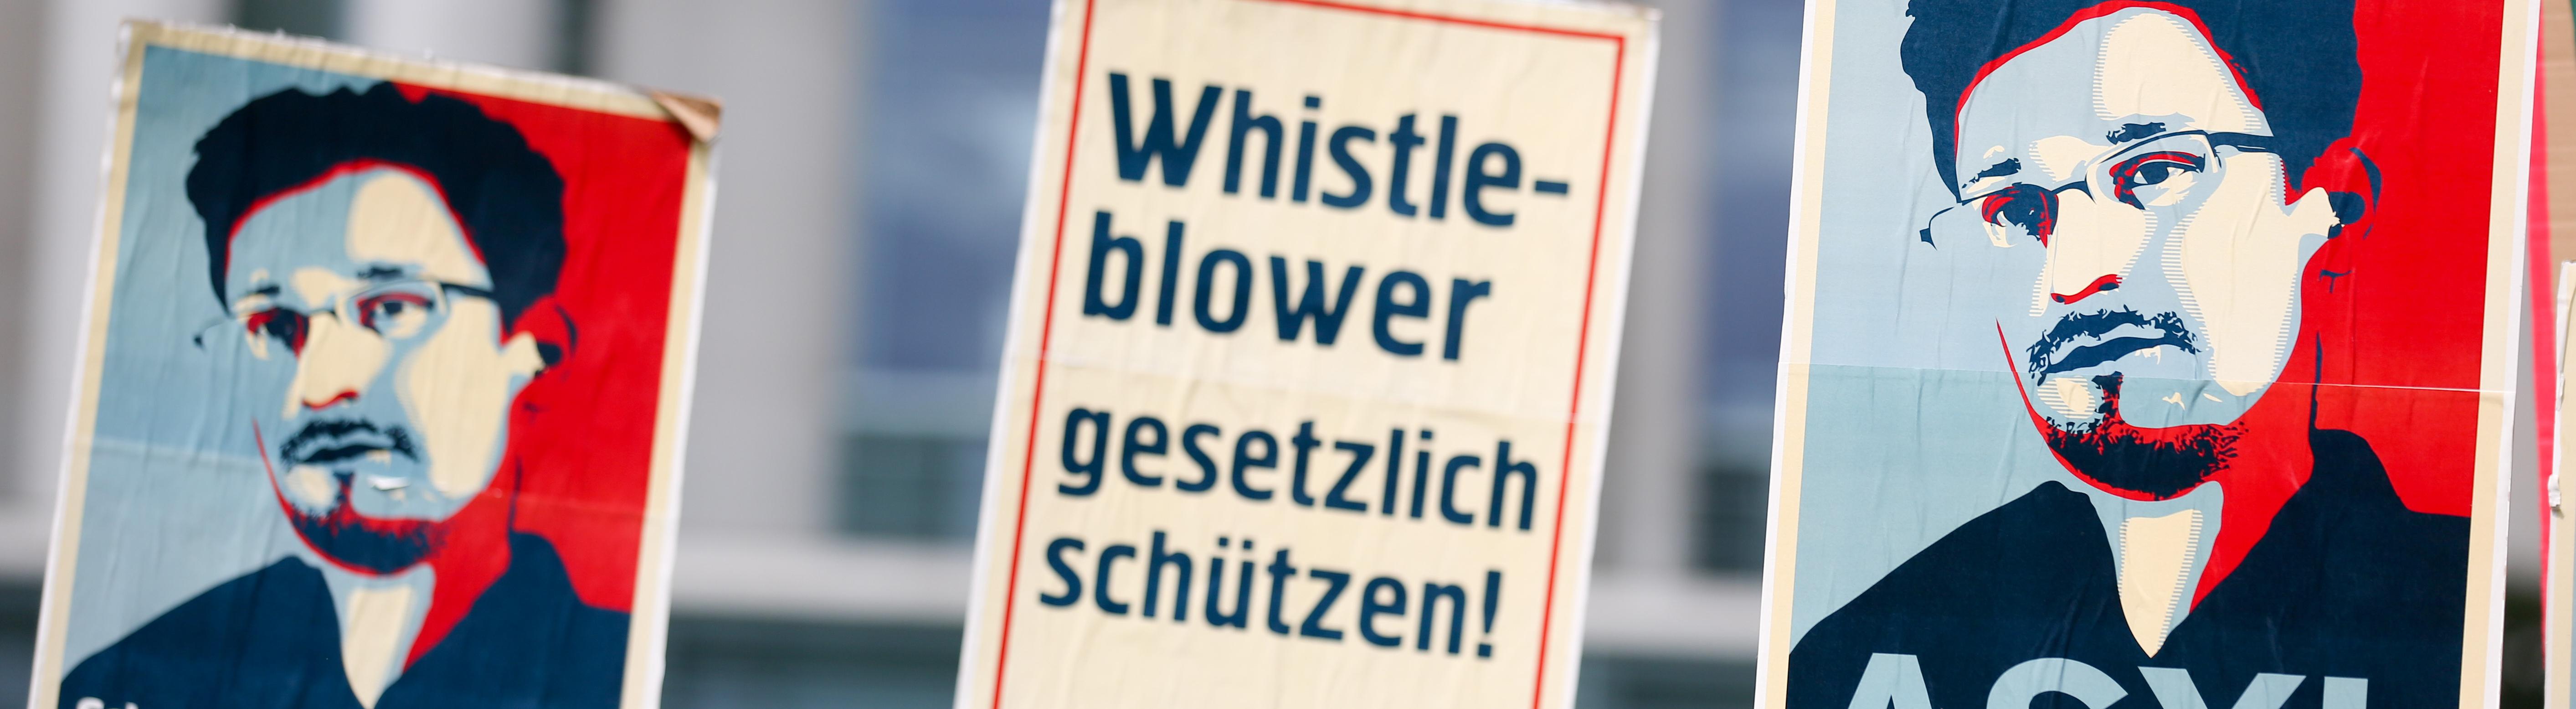 Demonstration für mehr Schutz für Whistleblower